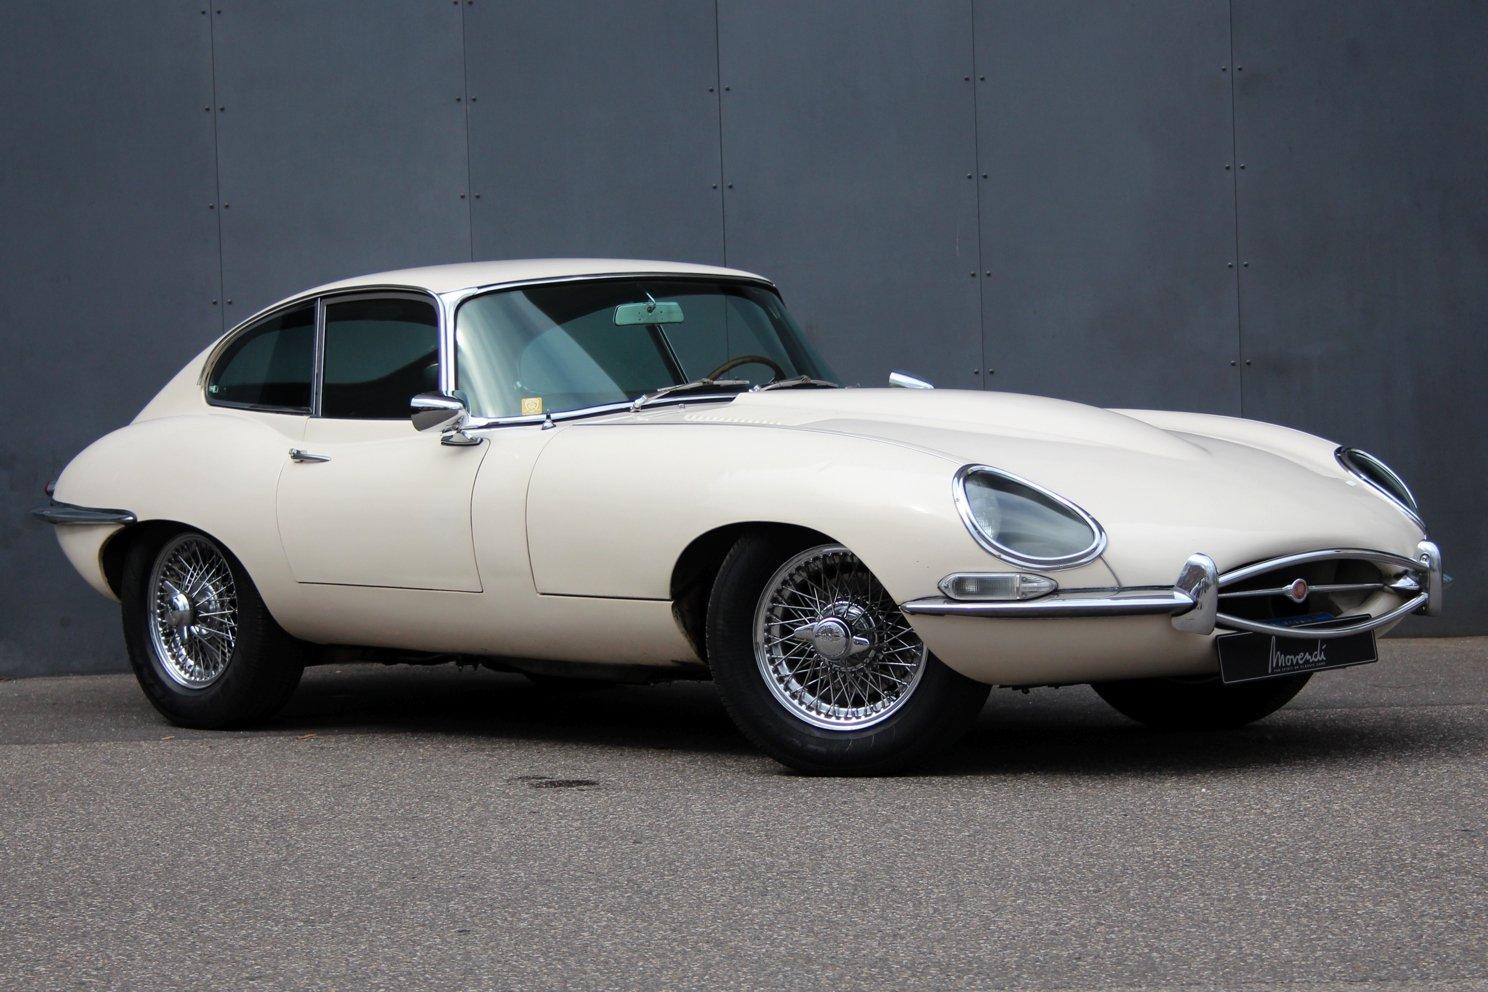 1966 Jaguar E-Type Series I 4.2 Litre Coupé LHD For Sale (picture 1 of 6)